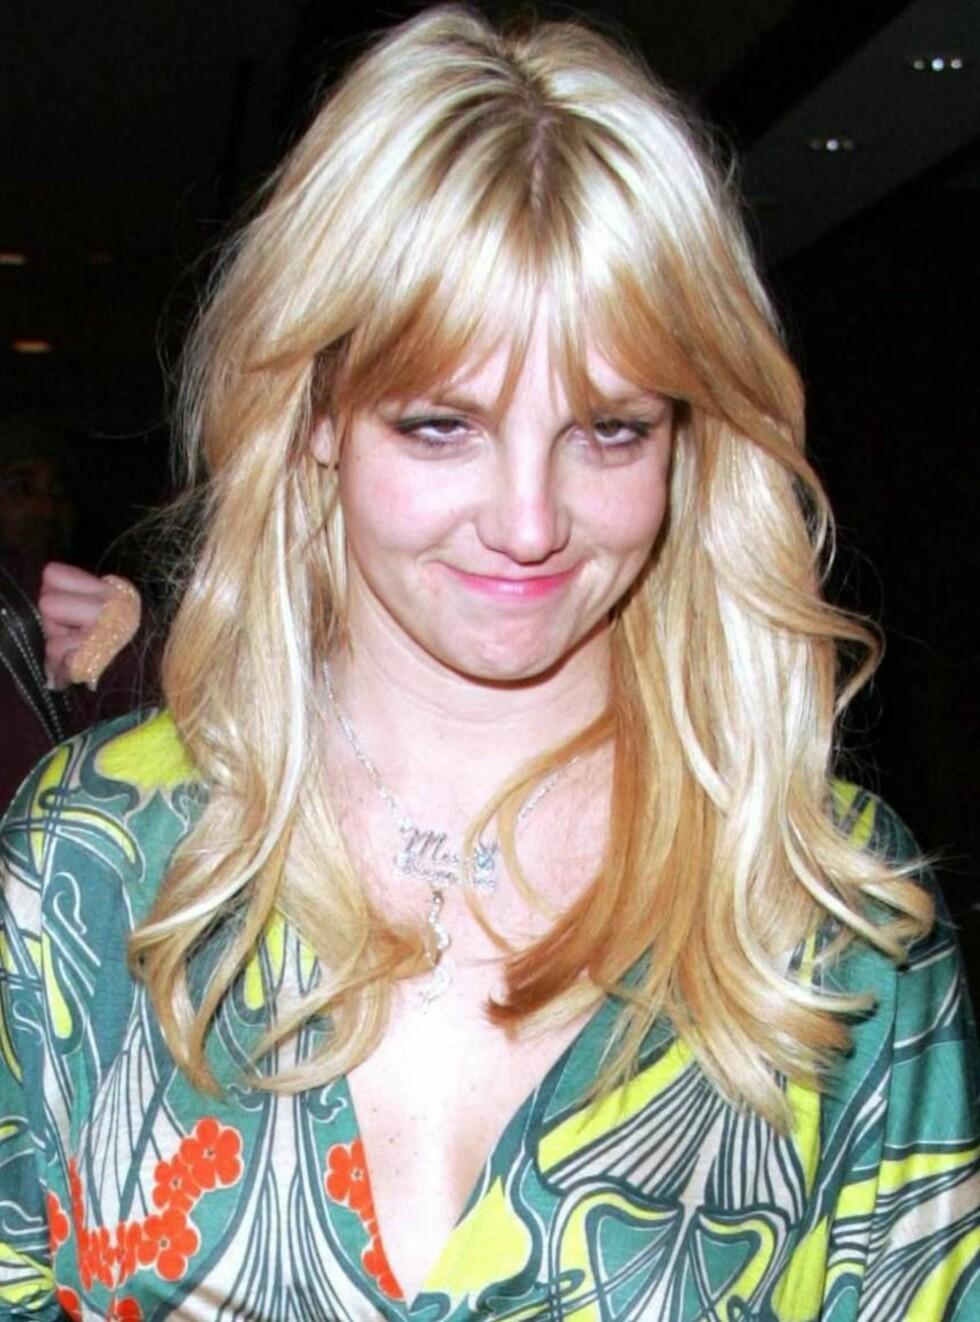 SCHKÅL!: Nyskilte Britney Spears skapte frykt og avsky i Las Vegas. Foto: All Over Press